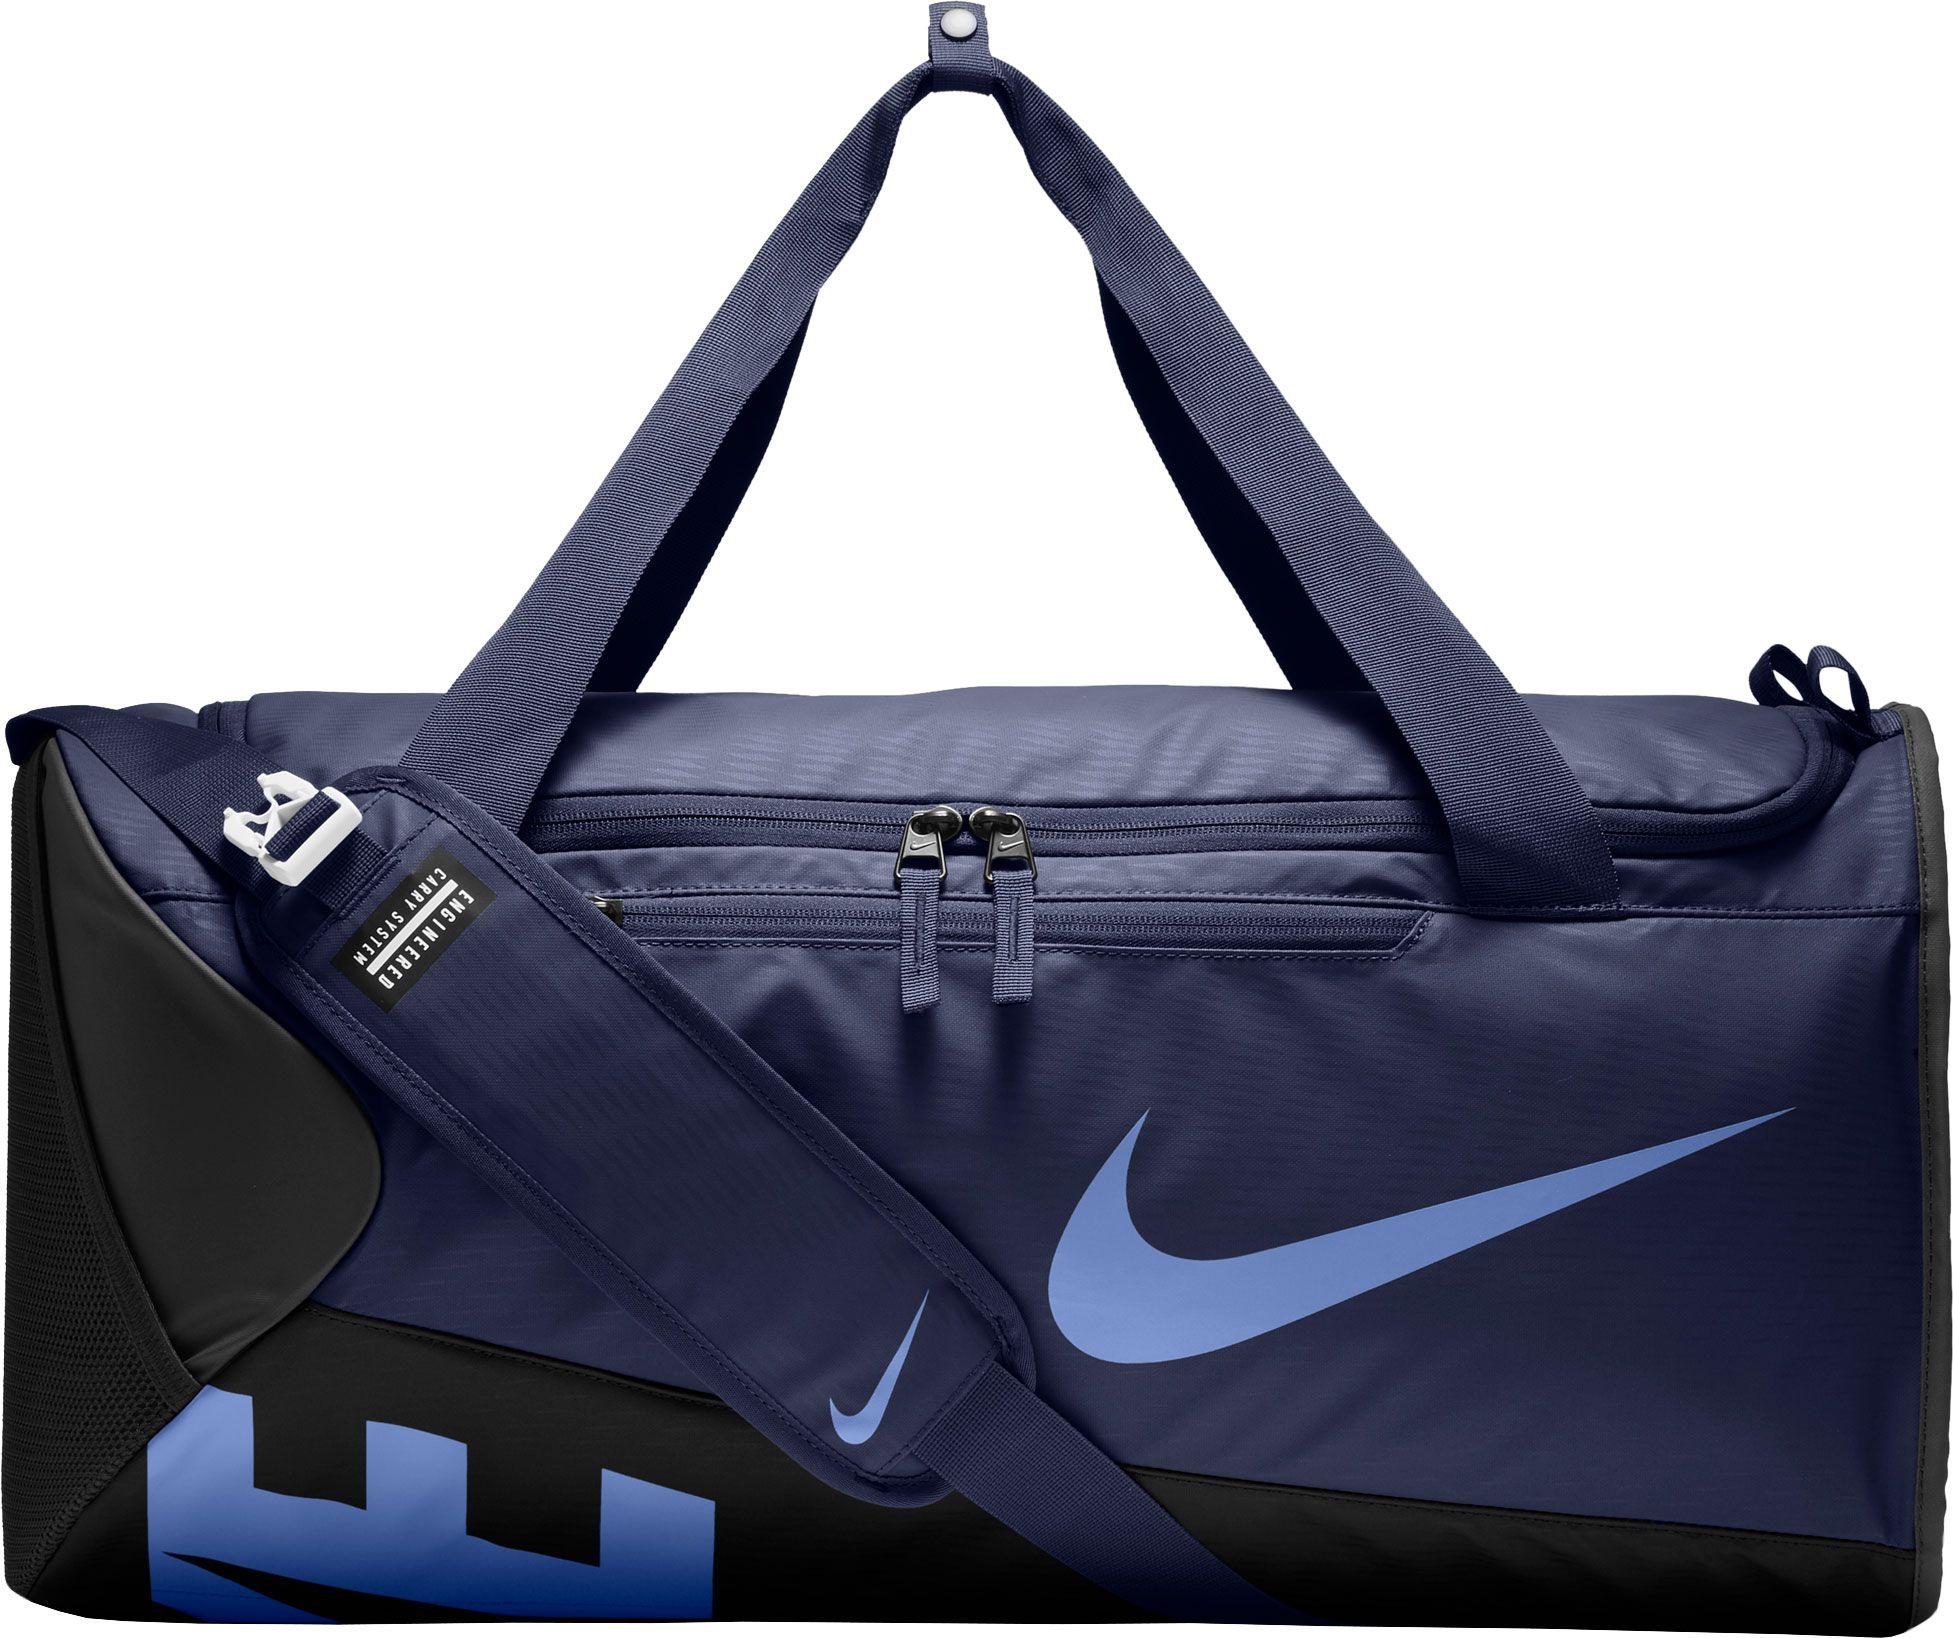 964d0af0cfc6 Nike Run Duffel Bag Review